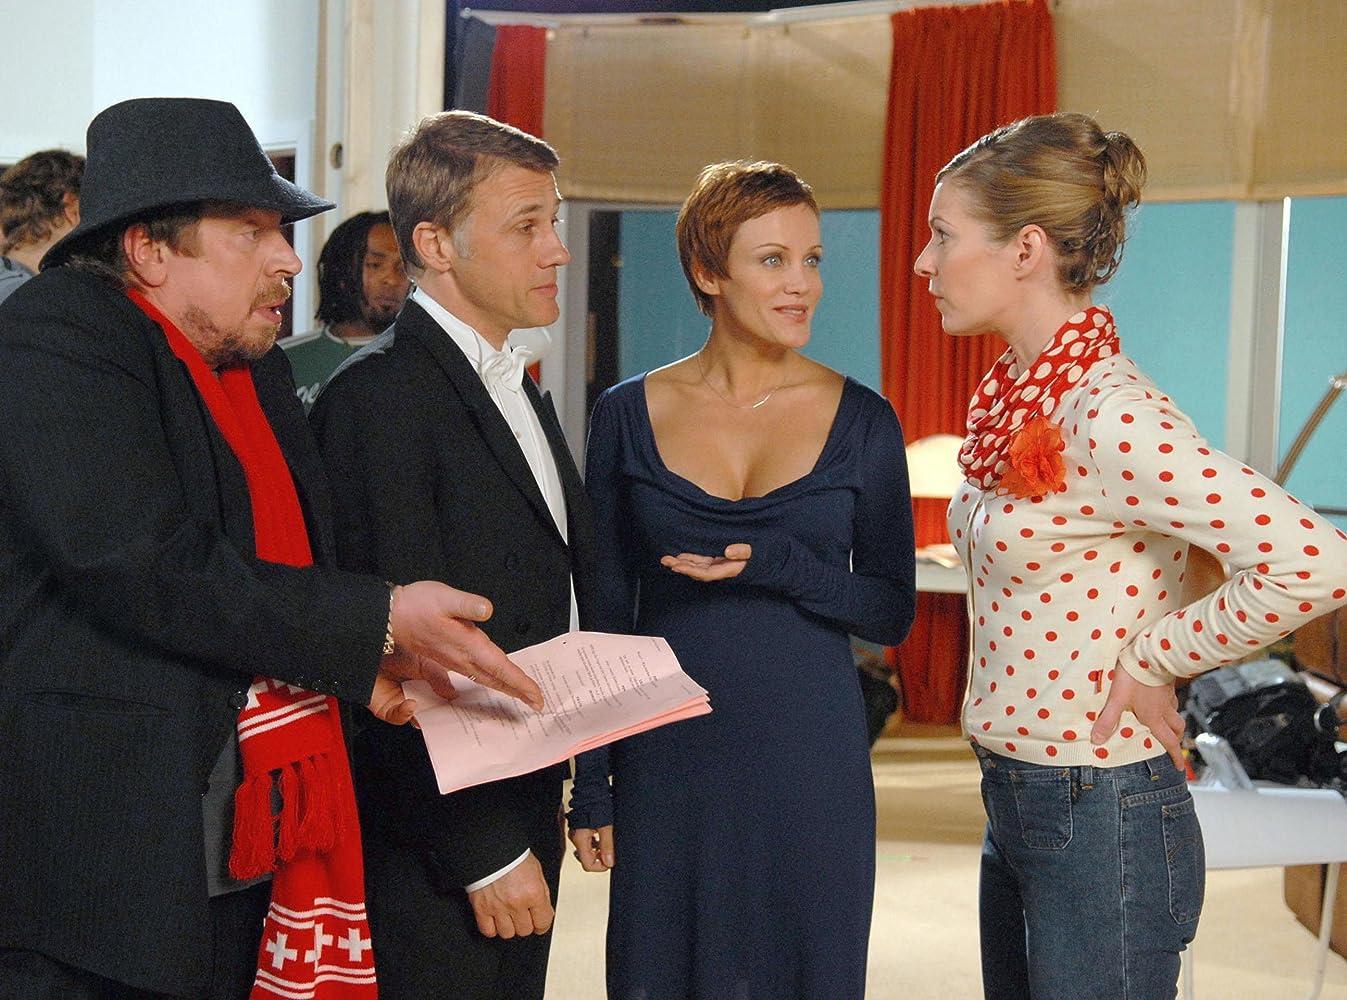 Die Zürcher Verlobung Drehbuch Zur Liebe 2007